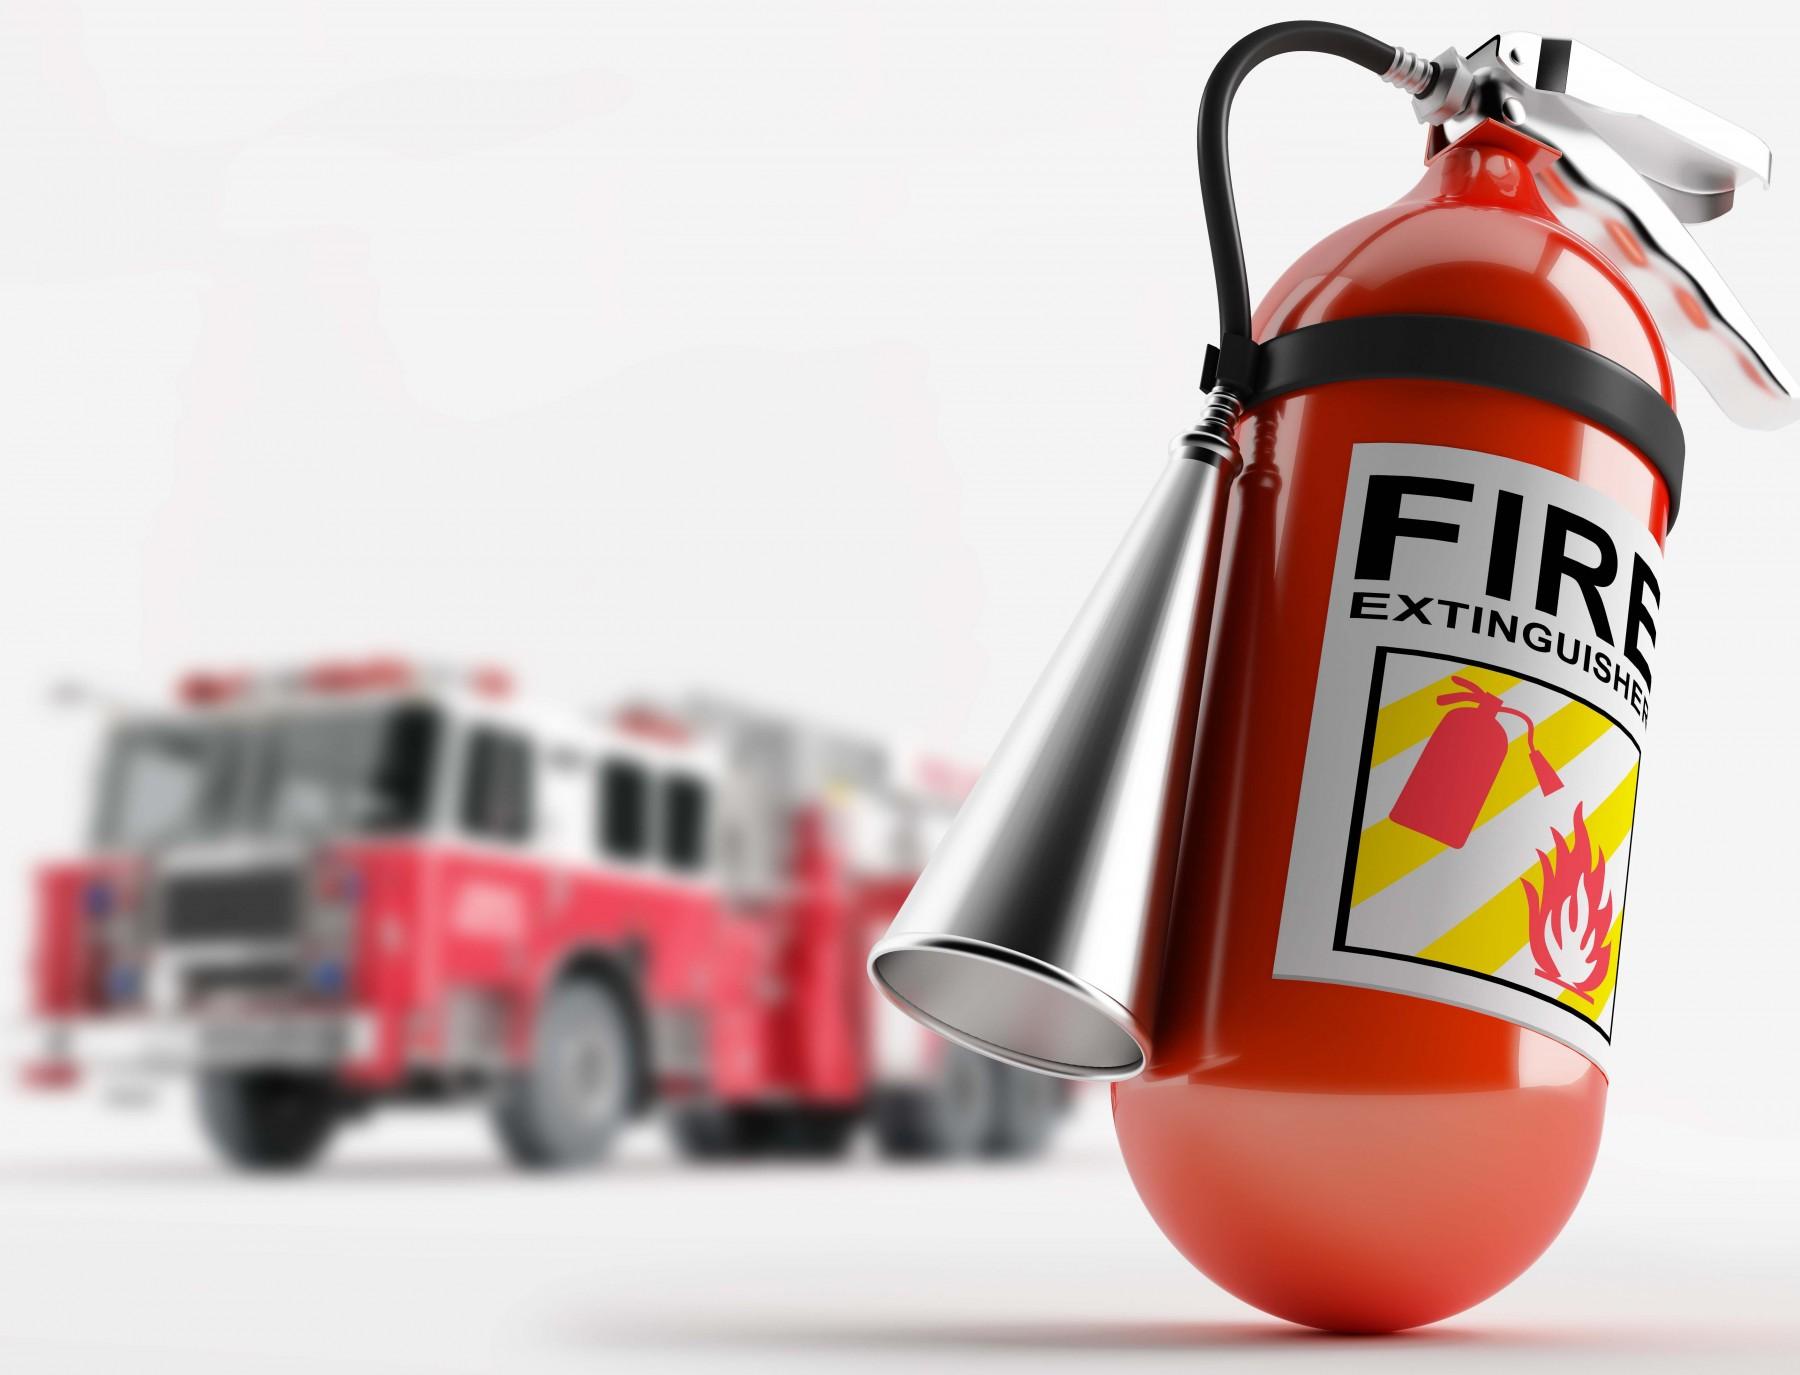 Phòng cháy chữa cháy ở chung cư những điều cần lưu ý